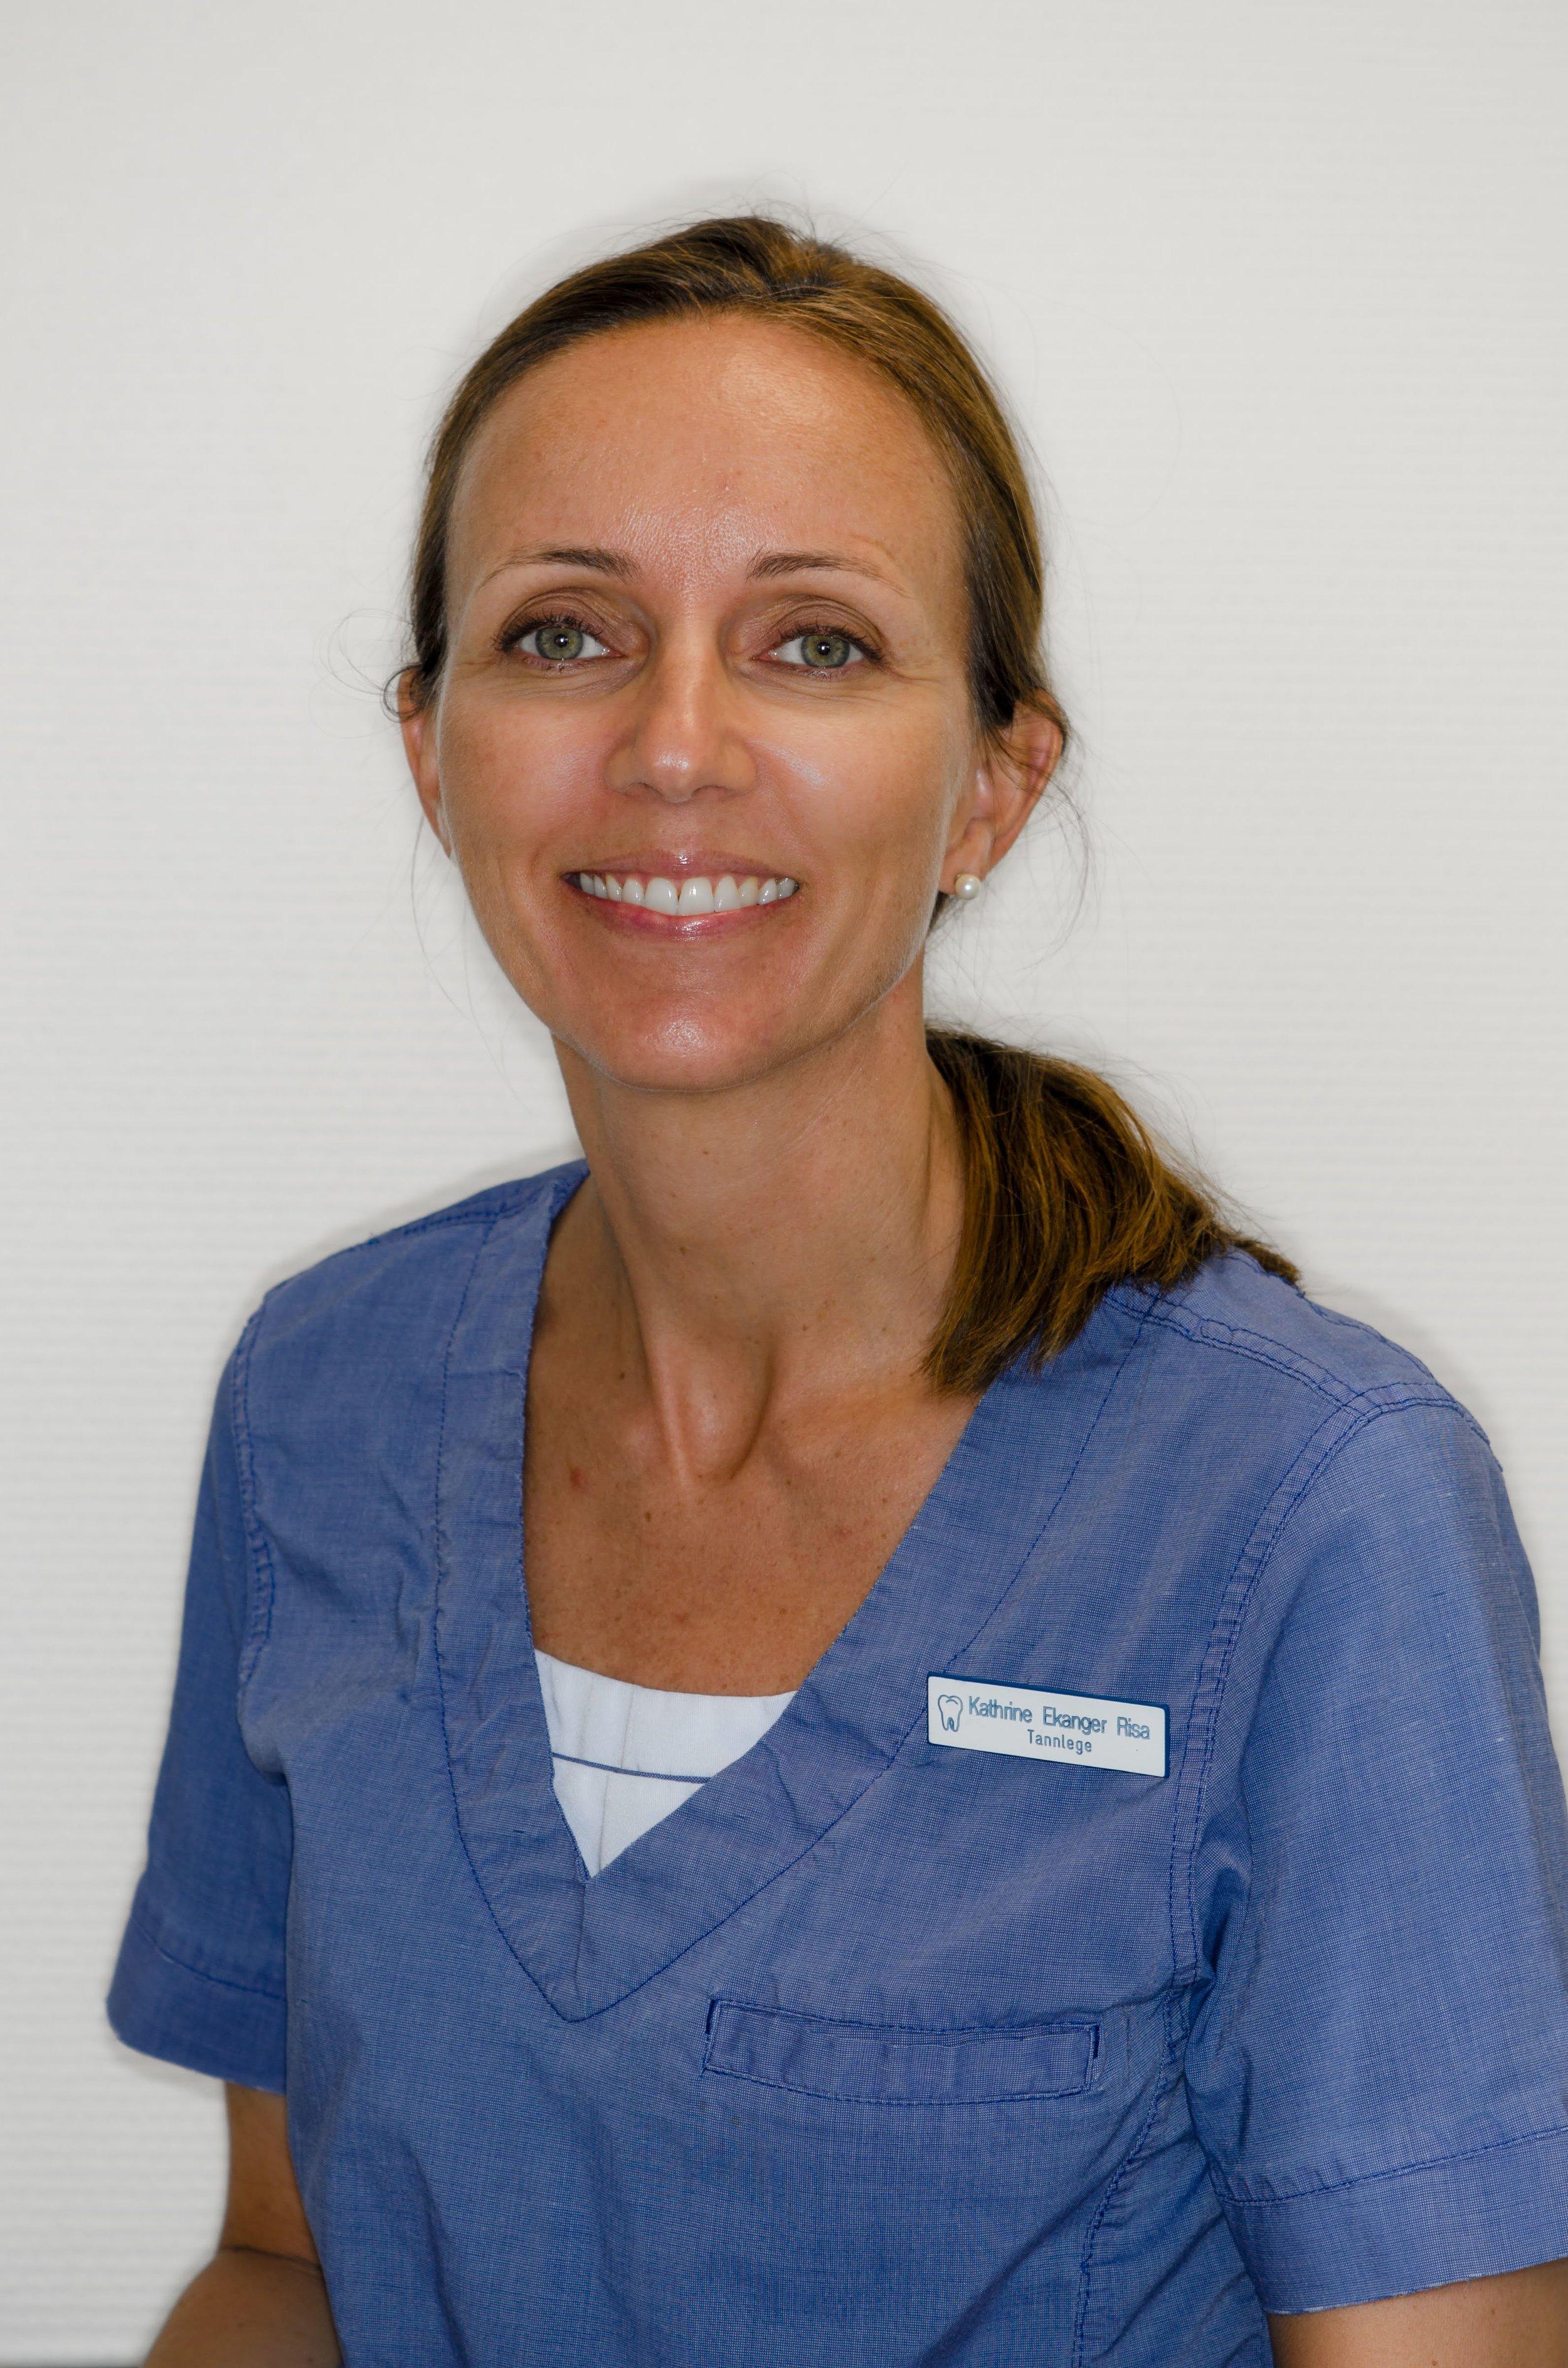 Tannlege Kathrine Ekanger Risa - spesialkompetanse implantatprotetikk - Partner